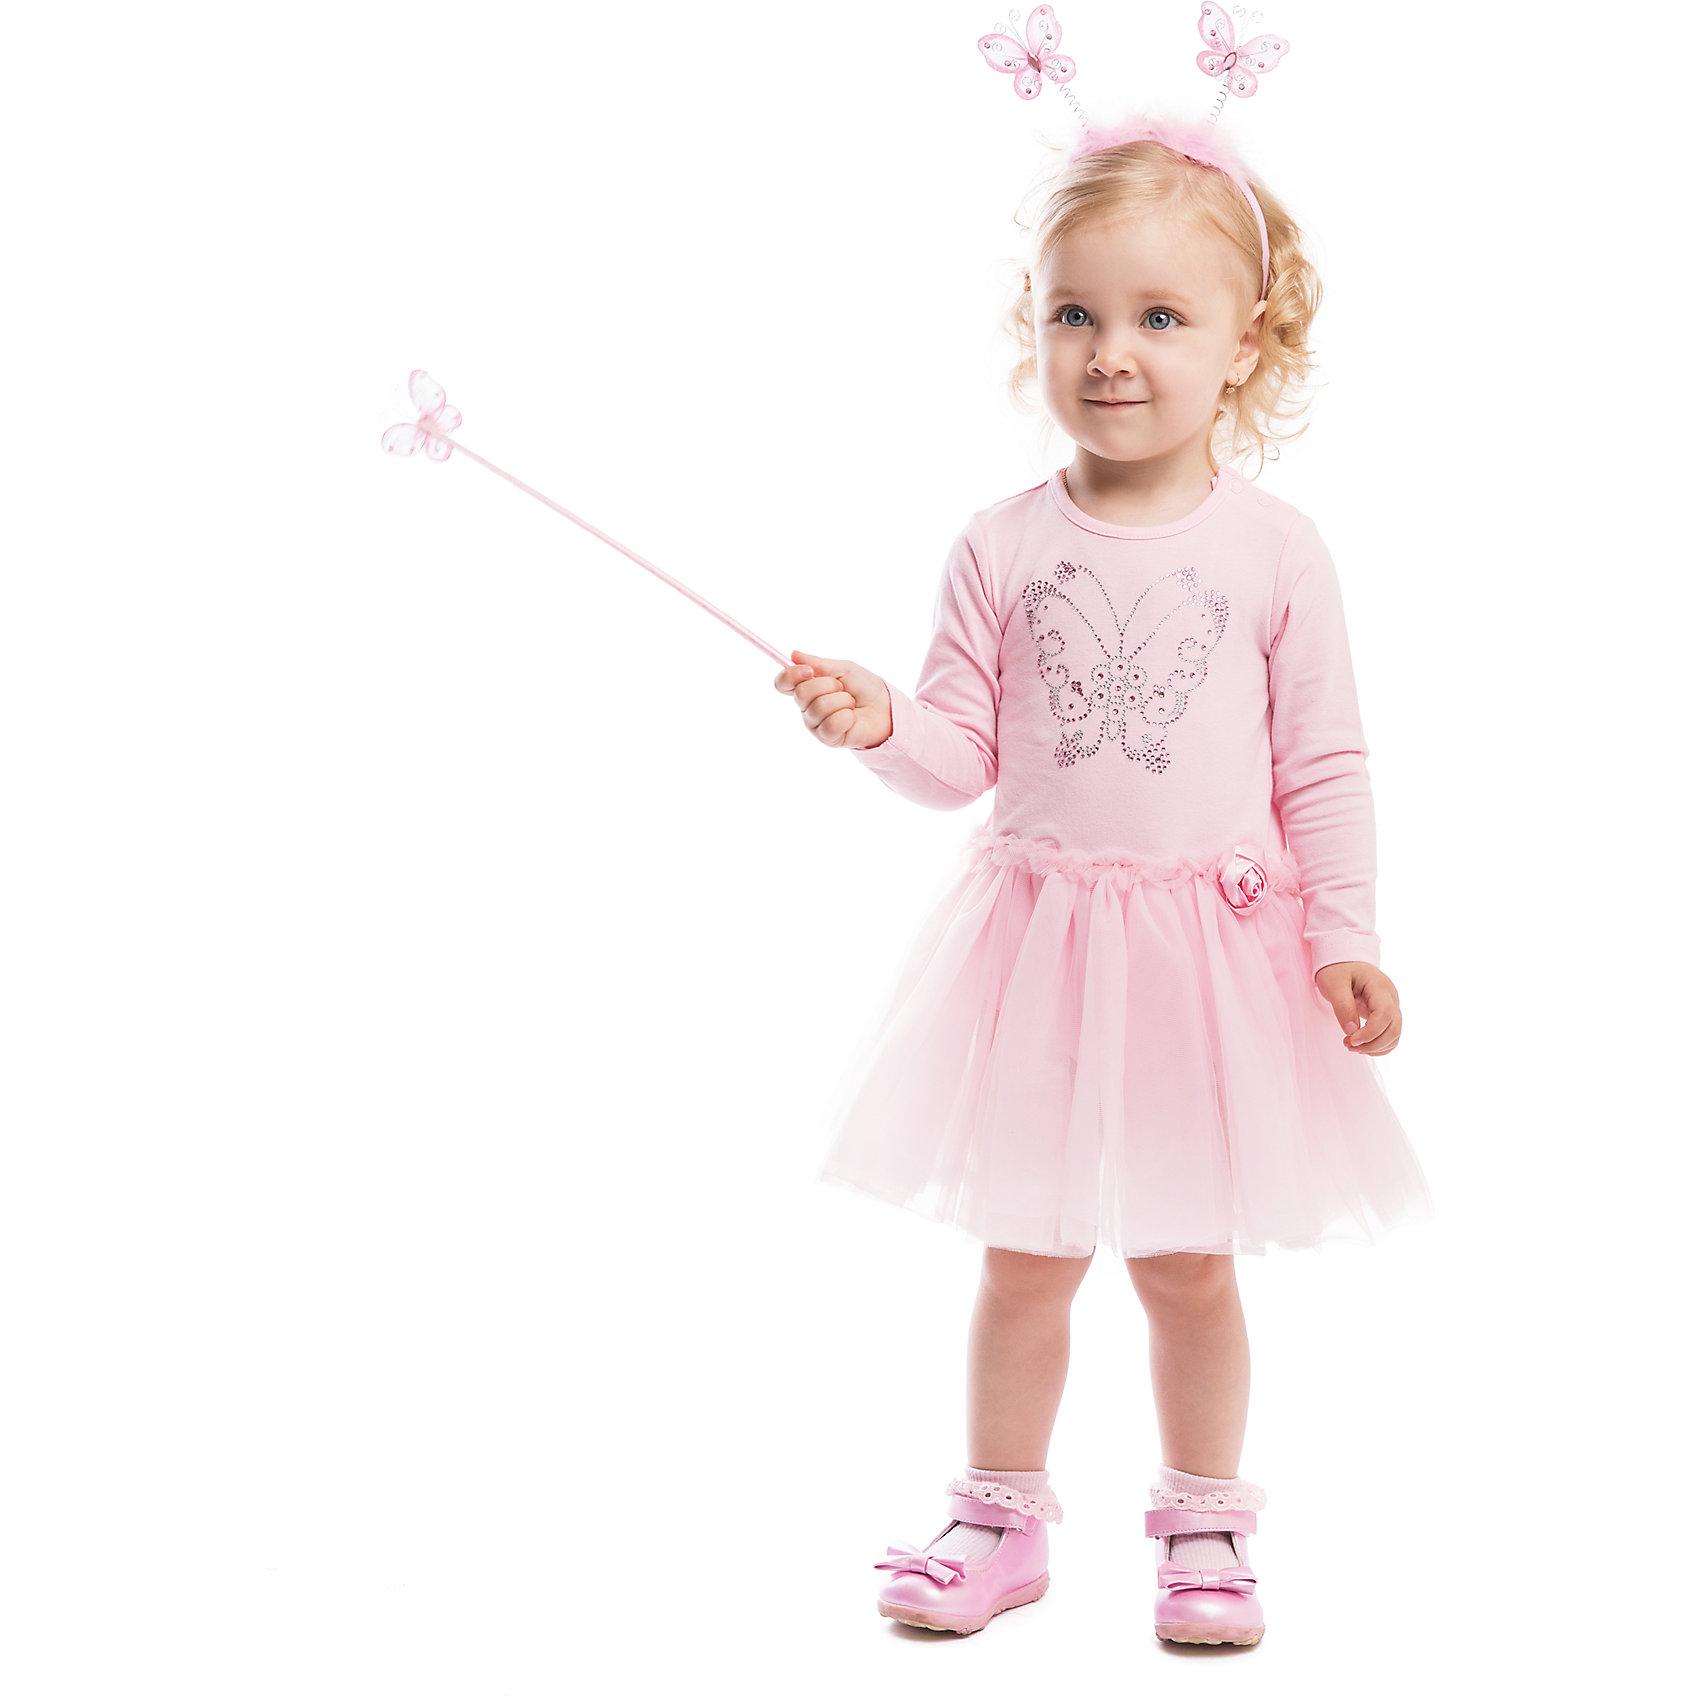 Боди PlayTodayБоди PlayToday <br><br>Состав: 95% хлопок, 5% эластан; отделка 100% полиэстер <br><br>Мягкое розовое боди с пышной юбкой и блестящей бабочкой. <br>Малышка будет выглядеть как воздушная балерина. <br>На поясе атласная розочка. <br>Внизу и на плечиках удобные застежки-кнопочки. <br>Длинные рукава<br><br>Ширина мм: 157<br>Глубина мм: 13<br>Высота мм: 119<br>Вес г: 200<br>Цвет: розовый<br>Возраст от месяцев: 3<br>Возраст до месяцев: 6<br>Пол: Женский<br>Возраст: Детский<br>Размер: 68,74,86,92,80<br>SKU: 4305530